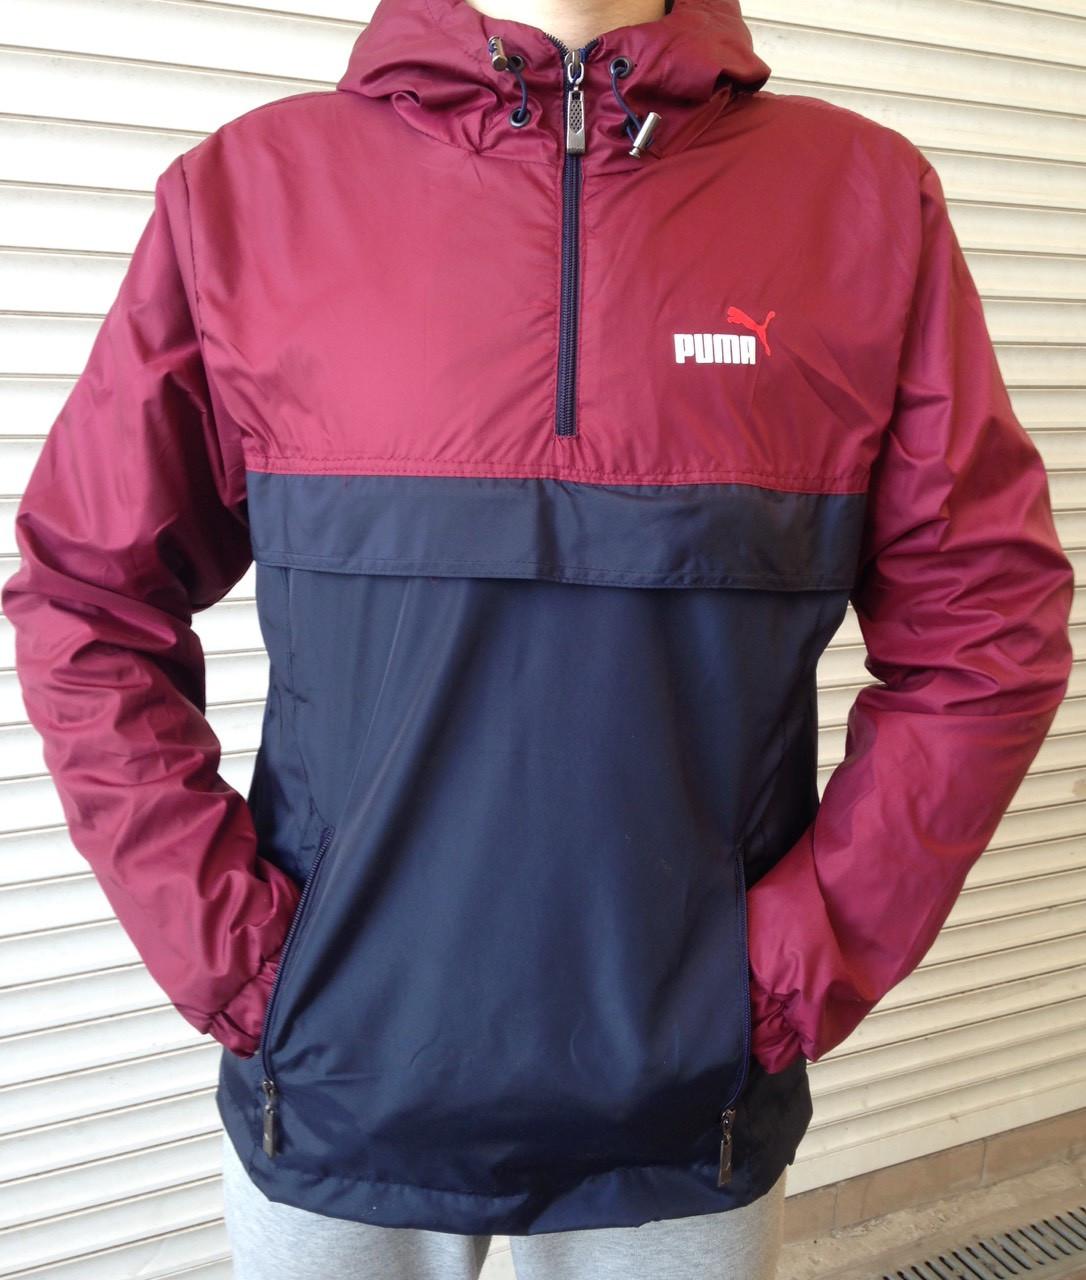 c78240e3 Спортивная куртка ветровка мужская анорак puma: продажа, цена в ...